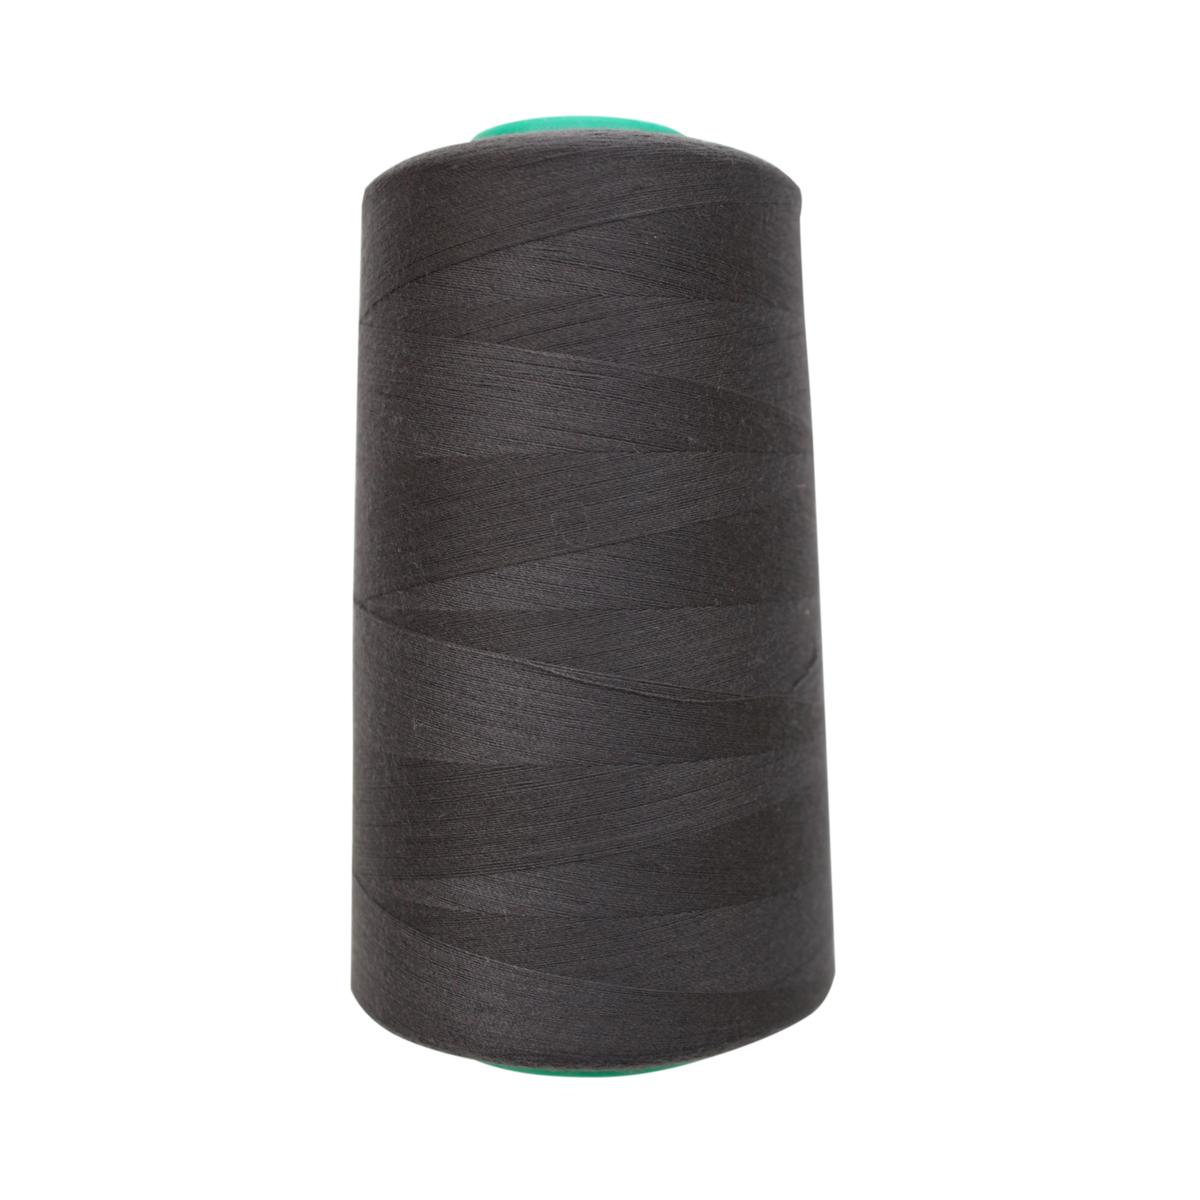 Нитки для шитья Bestex 50/2, 5000 ярд, цвет: серо-асфальтовый (384)7700936-384Сфера использования: трикотаж; ткани малого веса; оверлочные швы; отделка краев; вышивка. Размер игл №70-80